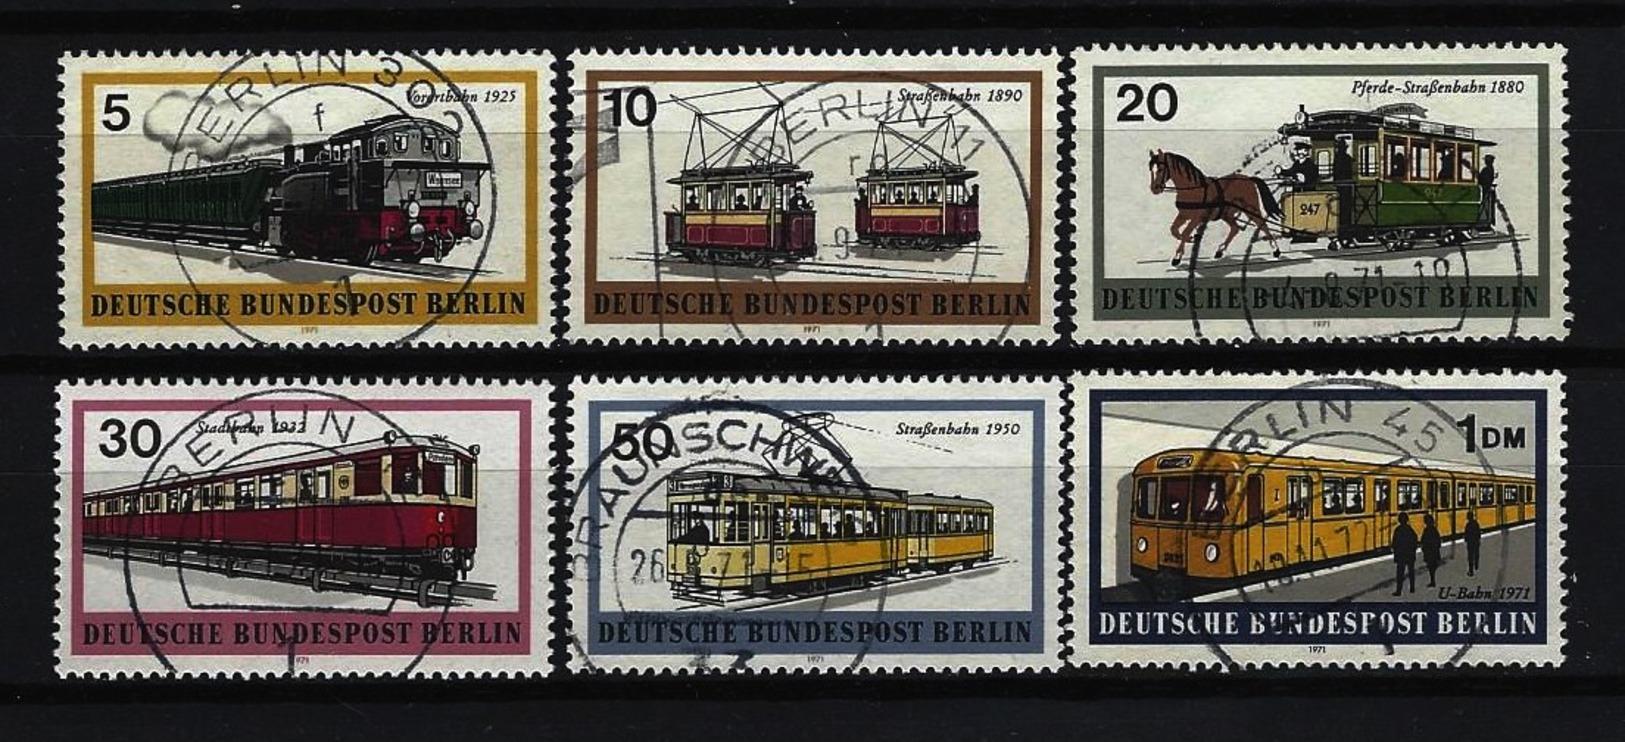 BERLIN - Komplettsatz Mi-Nr. 379 - 384 Berliner Verkehrsmittel Schienenfahrzeuge Gestempelt (4) - Gebraucht